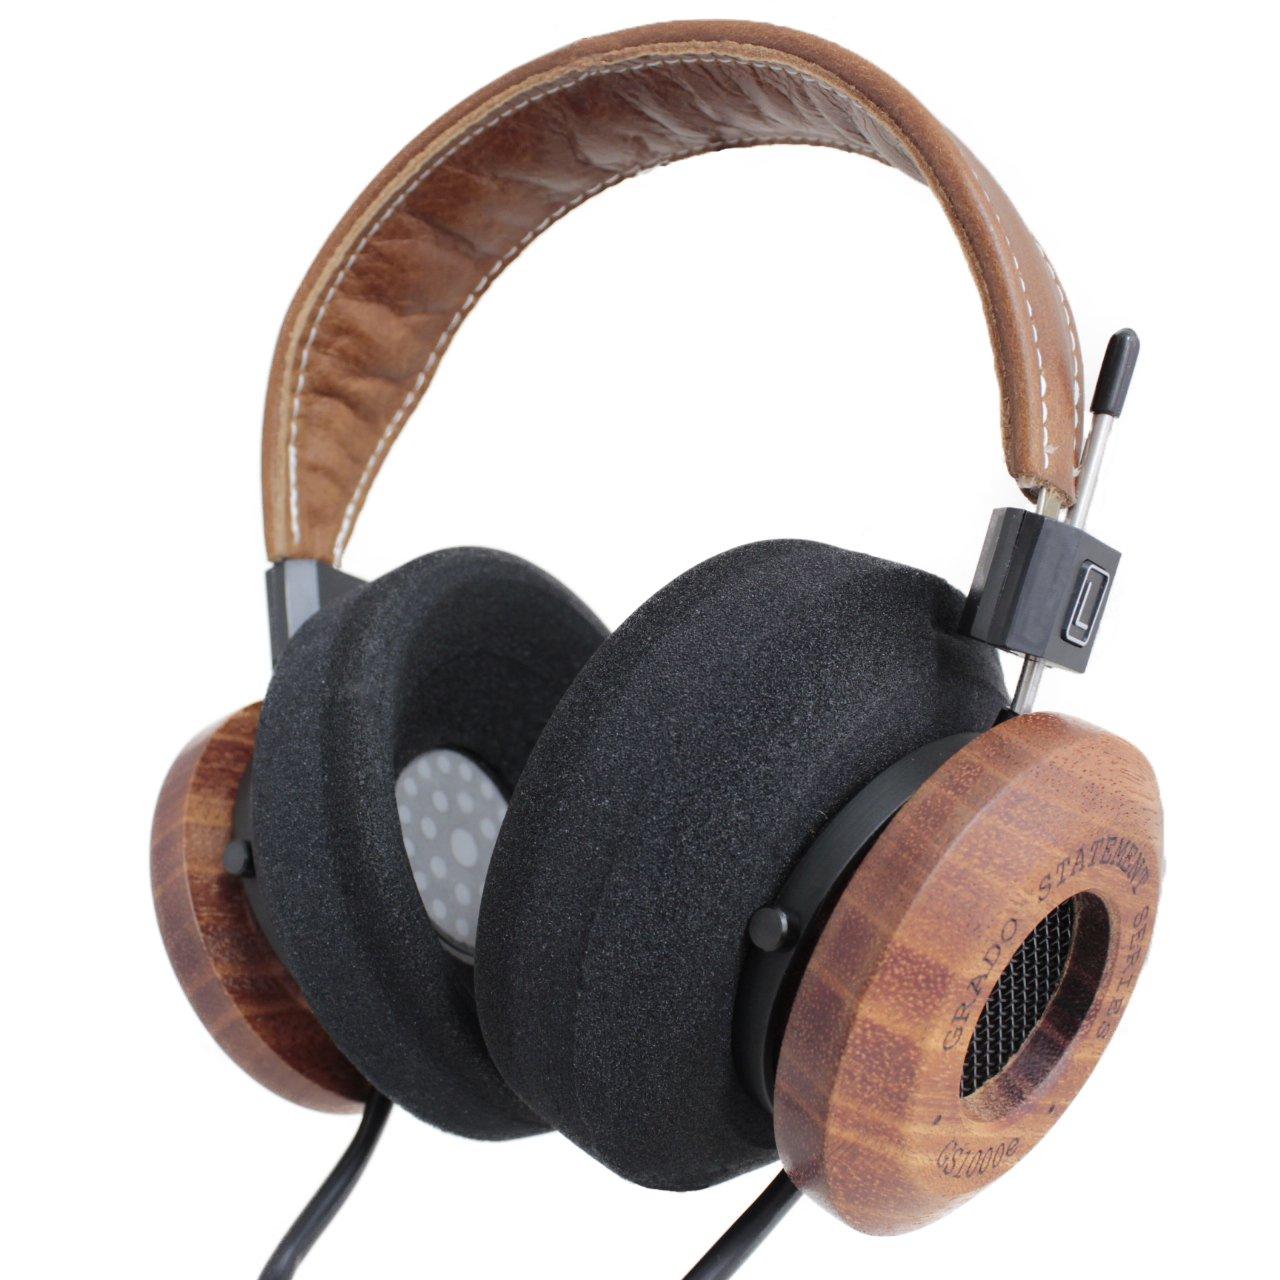 【国内正規品】GRADO GS1000e オープン型オーバーヘッドヘッドフォン アメリカ製 新シリーズ 000929 B00L1OF8XI